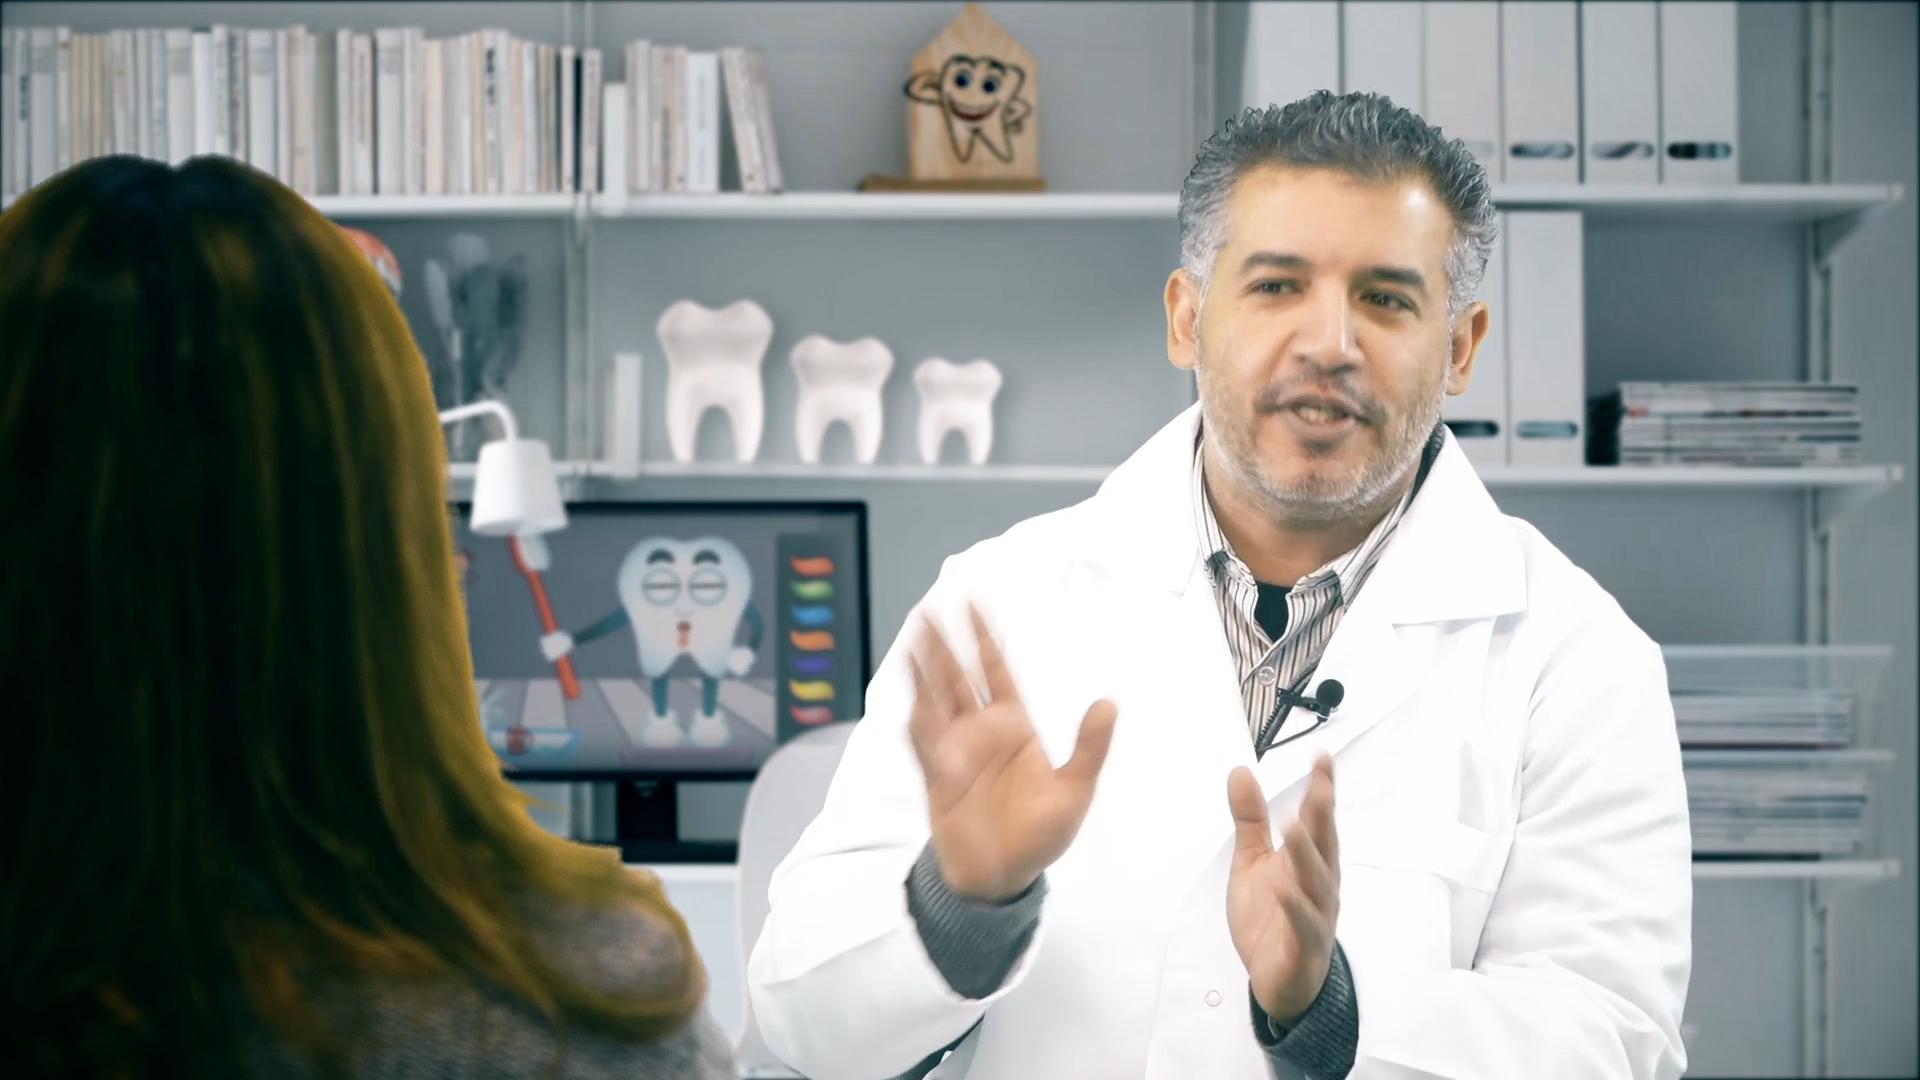 التغذيه وتكوين الاسنان الطبيعي اثناء الحمل